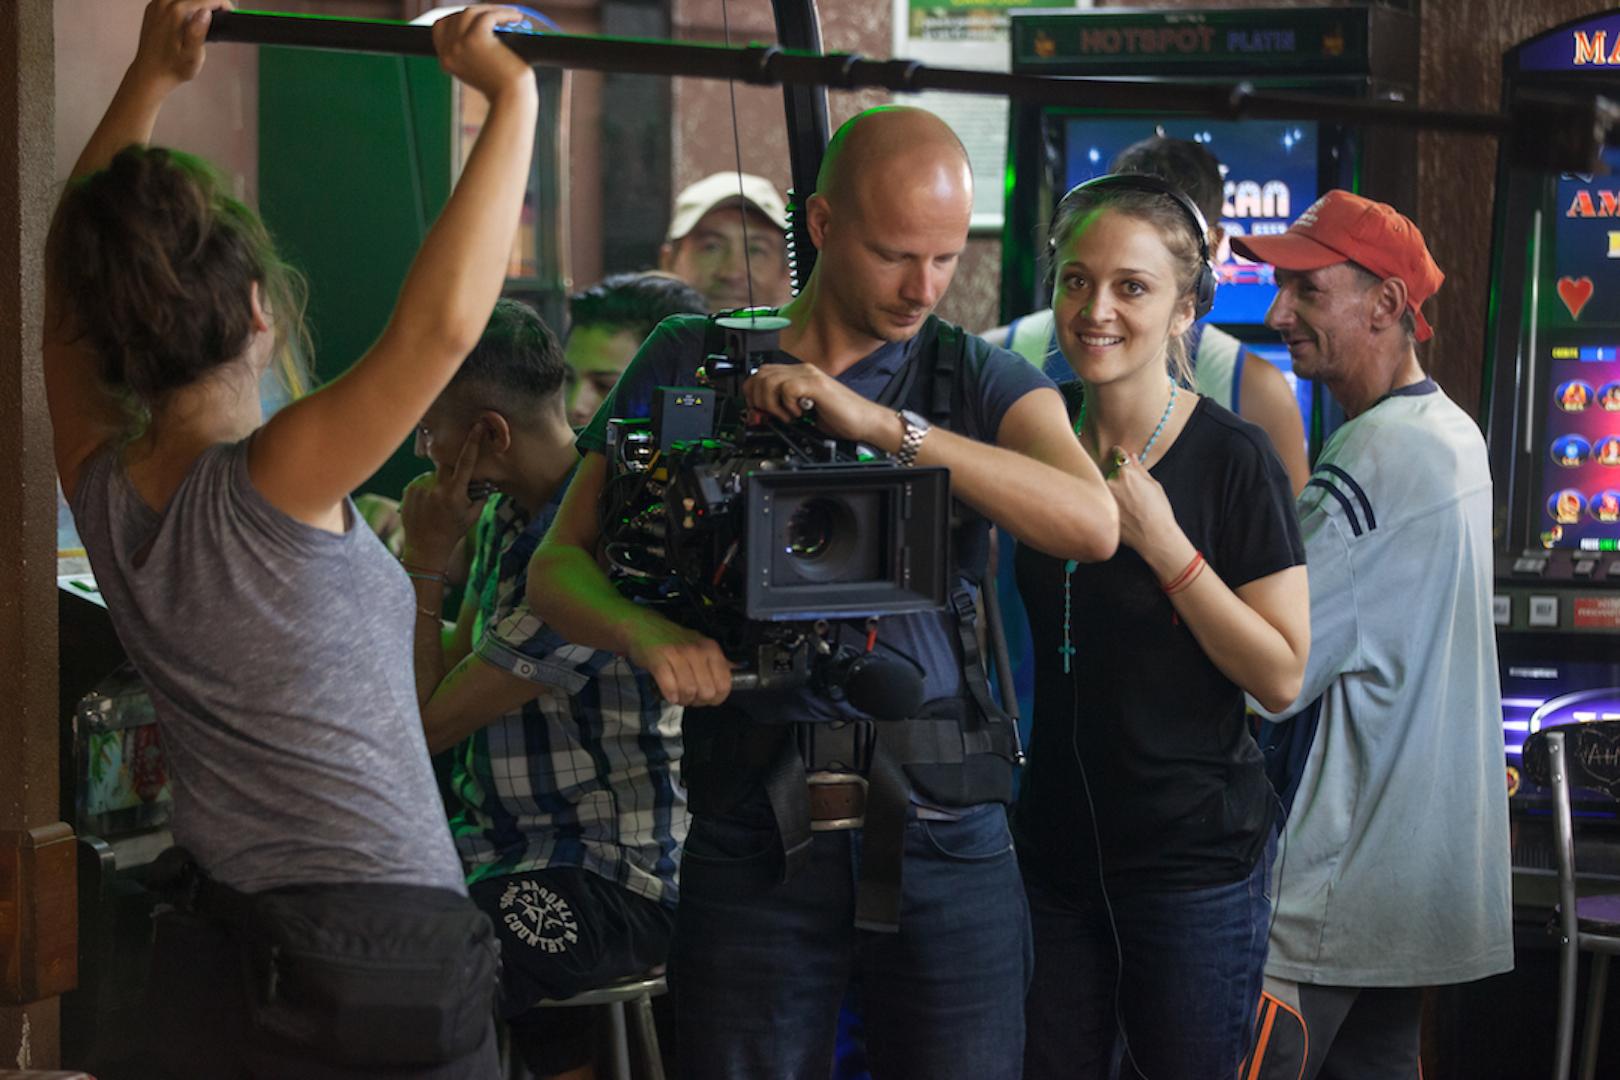 Soldatii. Poveste din Ferentari, credit photo Roller Coaster PR. Foto: Regizoarea si o parte din echipa de filmare